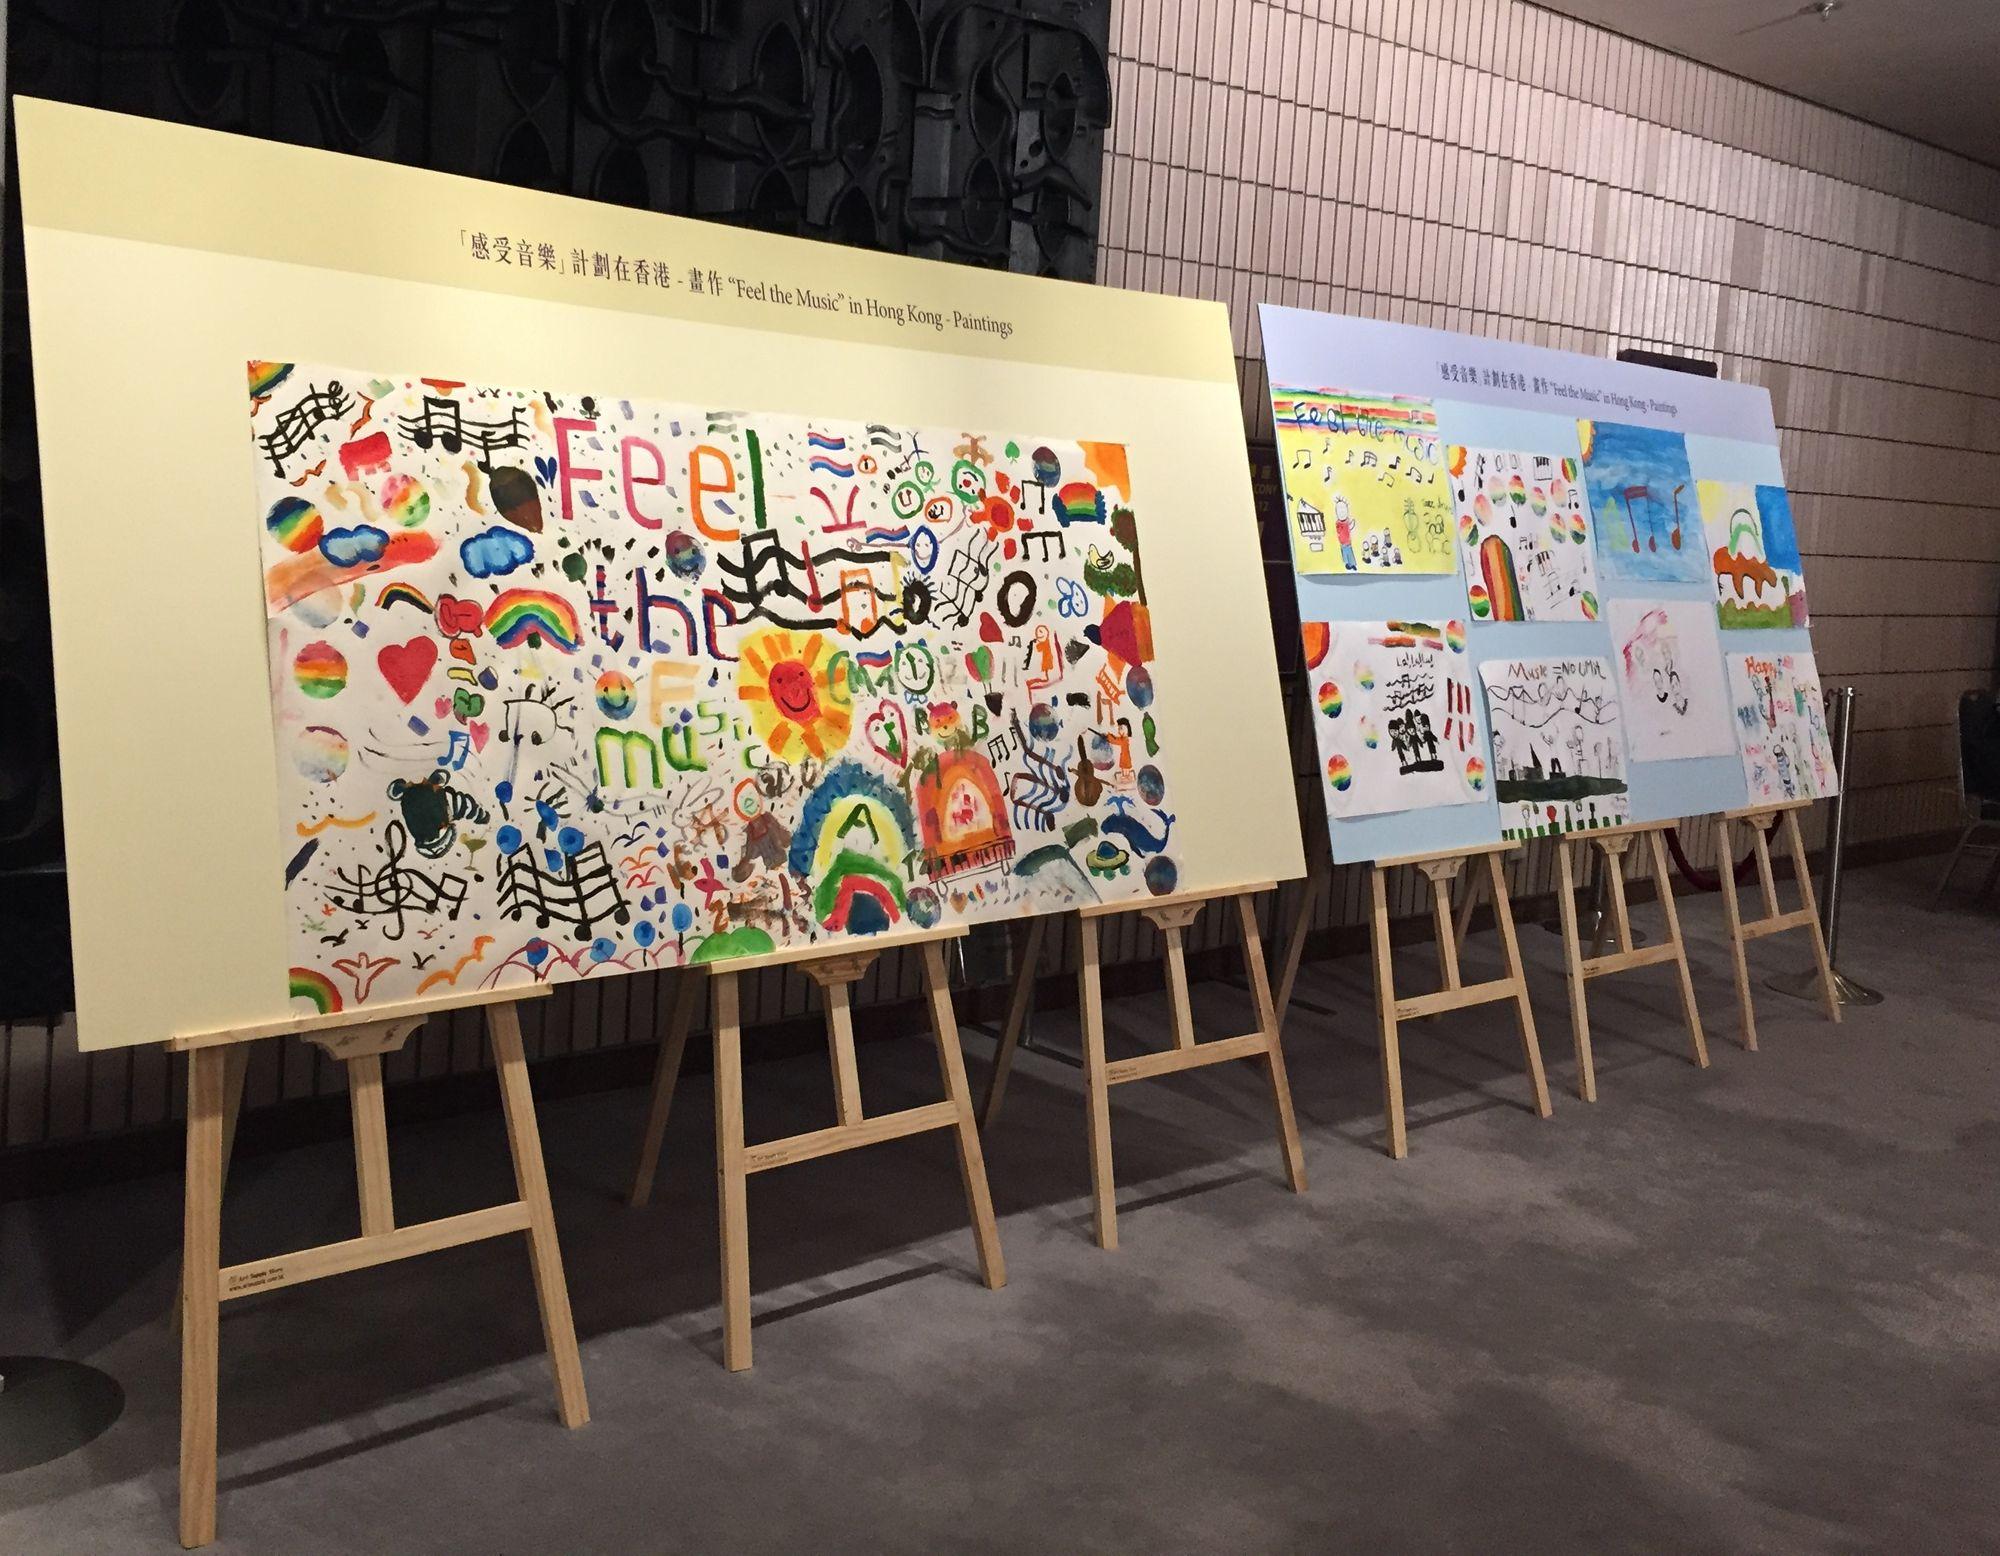 同學剛畫好的作品,在馬勒室樂團演出當晚在香港文化中心音樂廳的大堂展出,讓聽眾一睹計劃的成果。